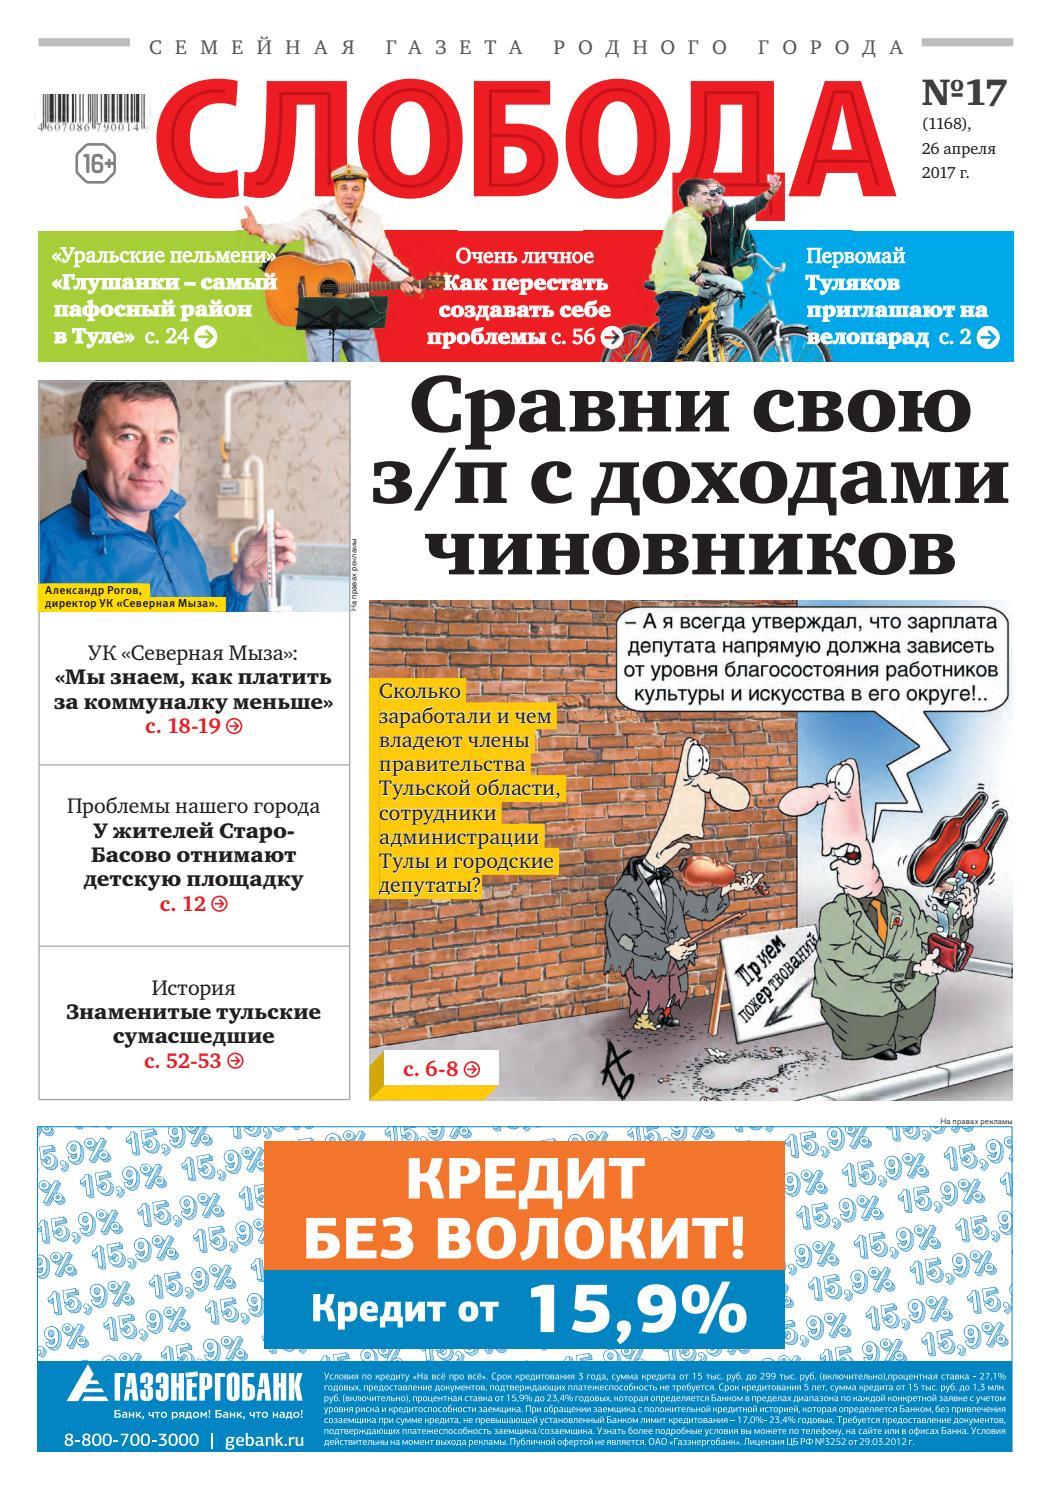 Слобода №17 (1168)  Сравни свою з п с доходами чиновников by Газета